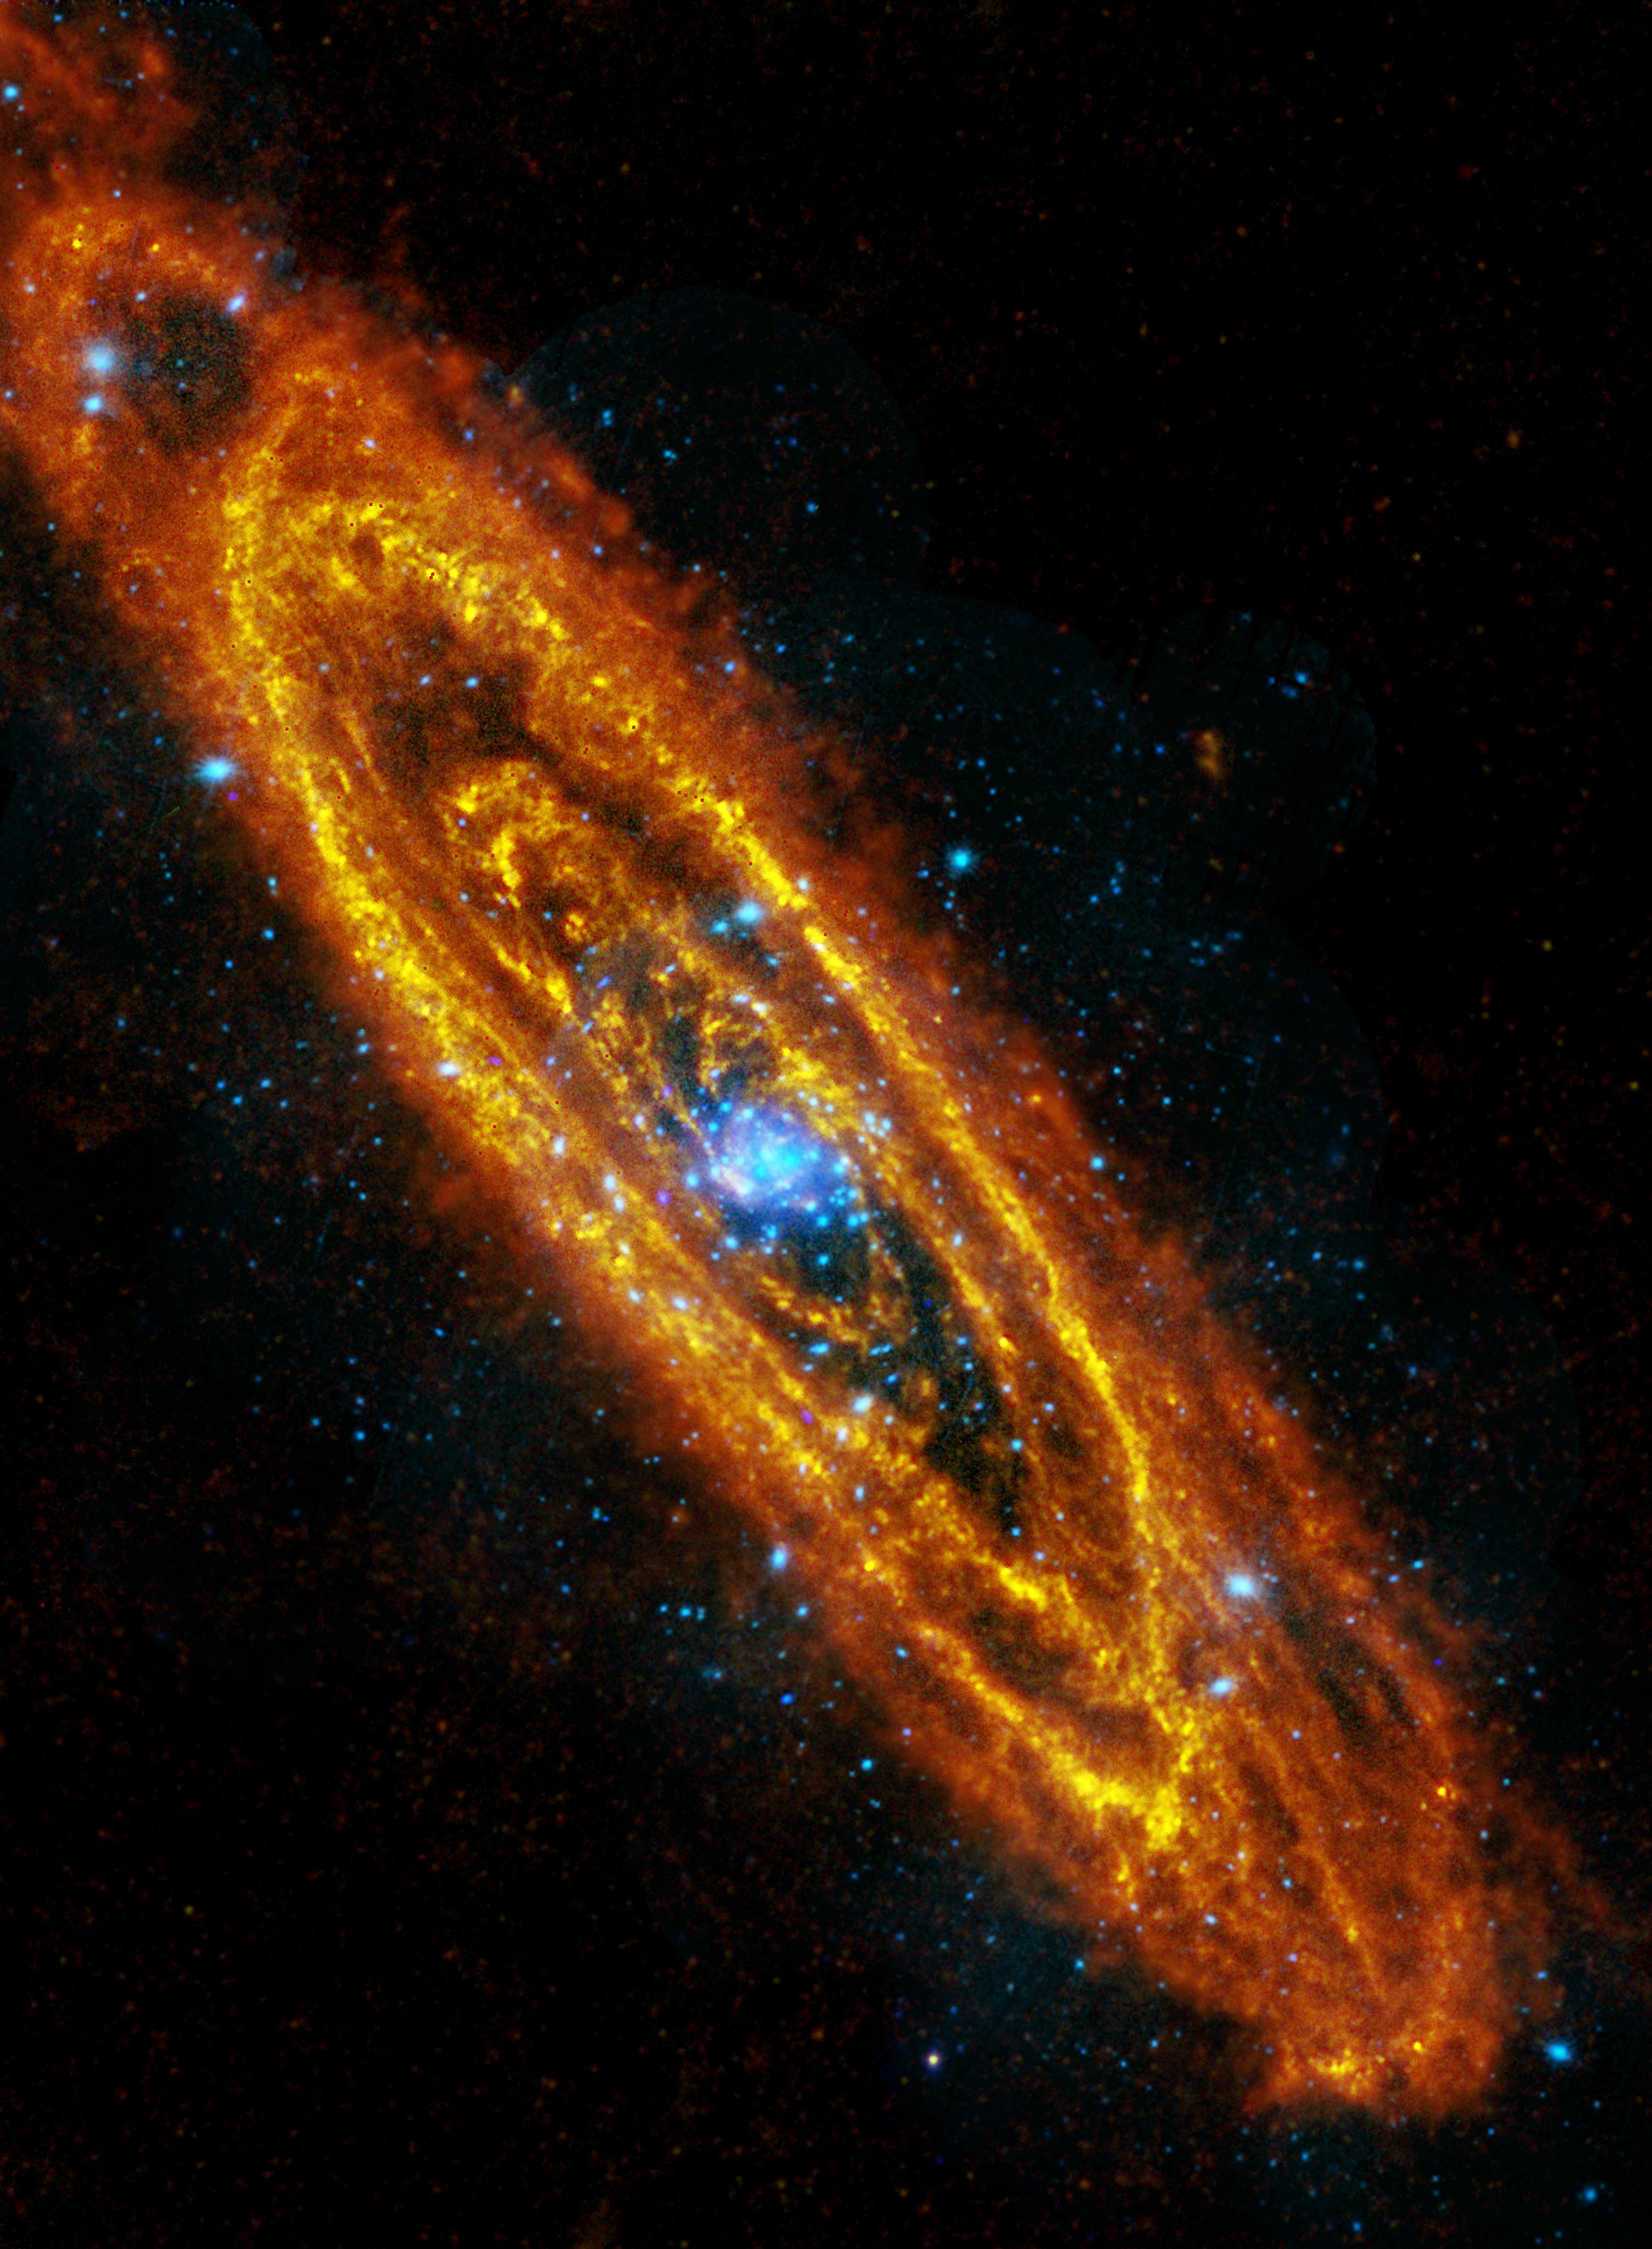 M31_XMM_HERSCHEL.jpg